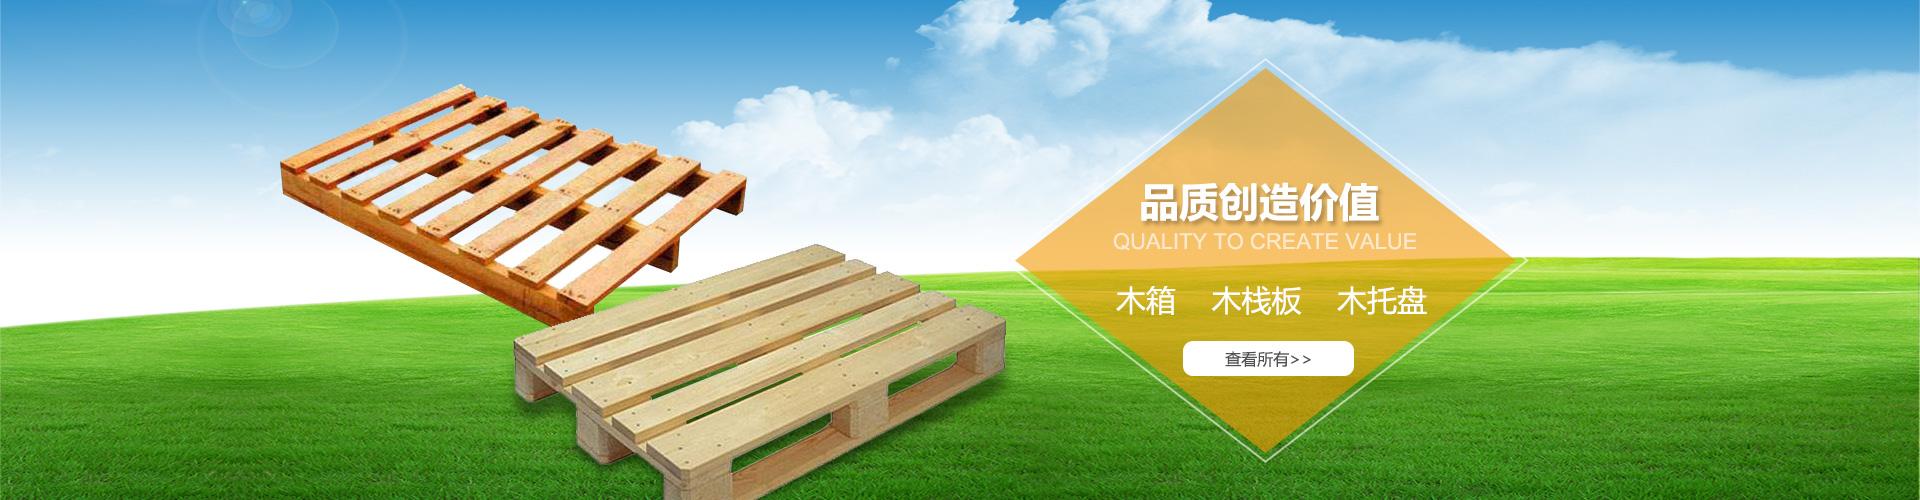 贵州木质包装箱